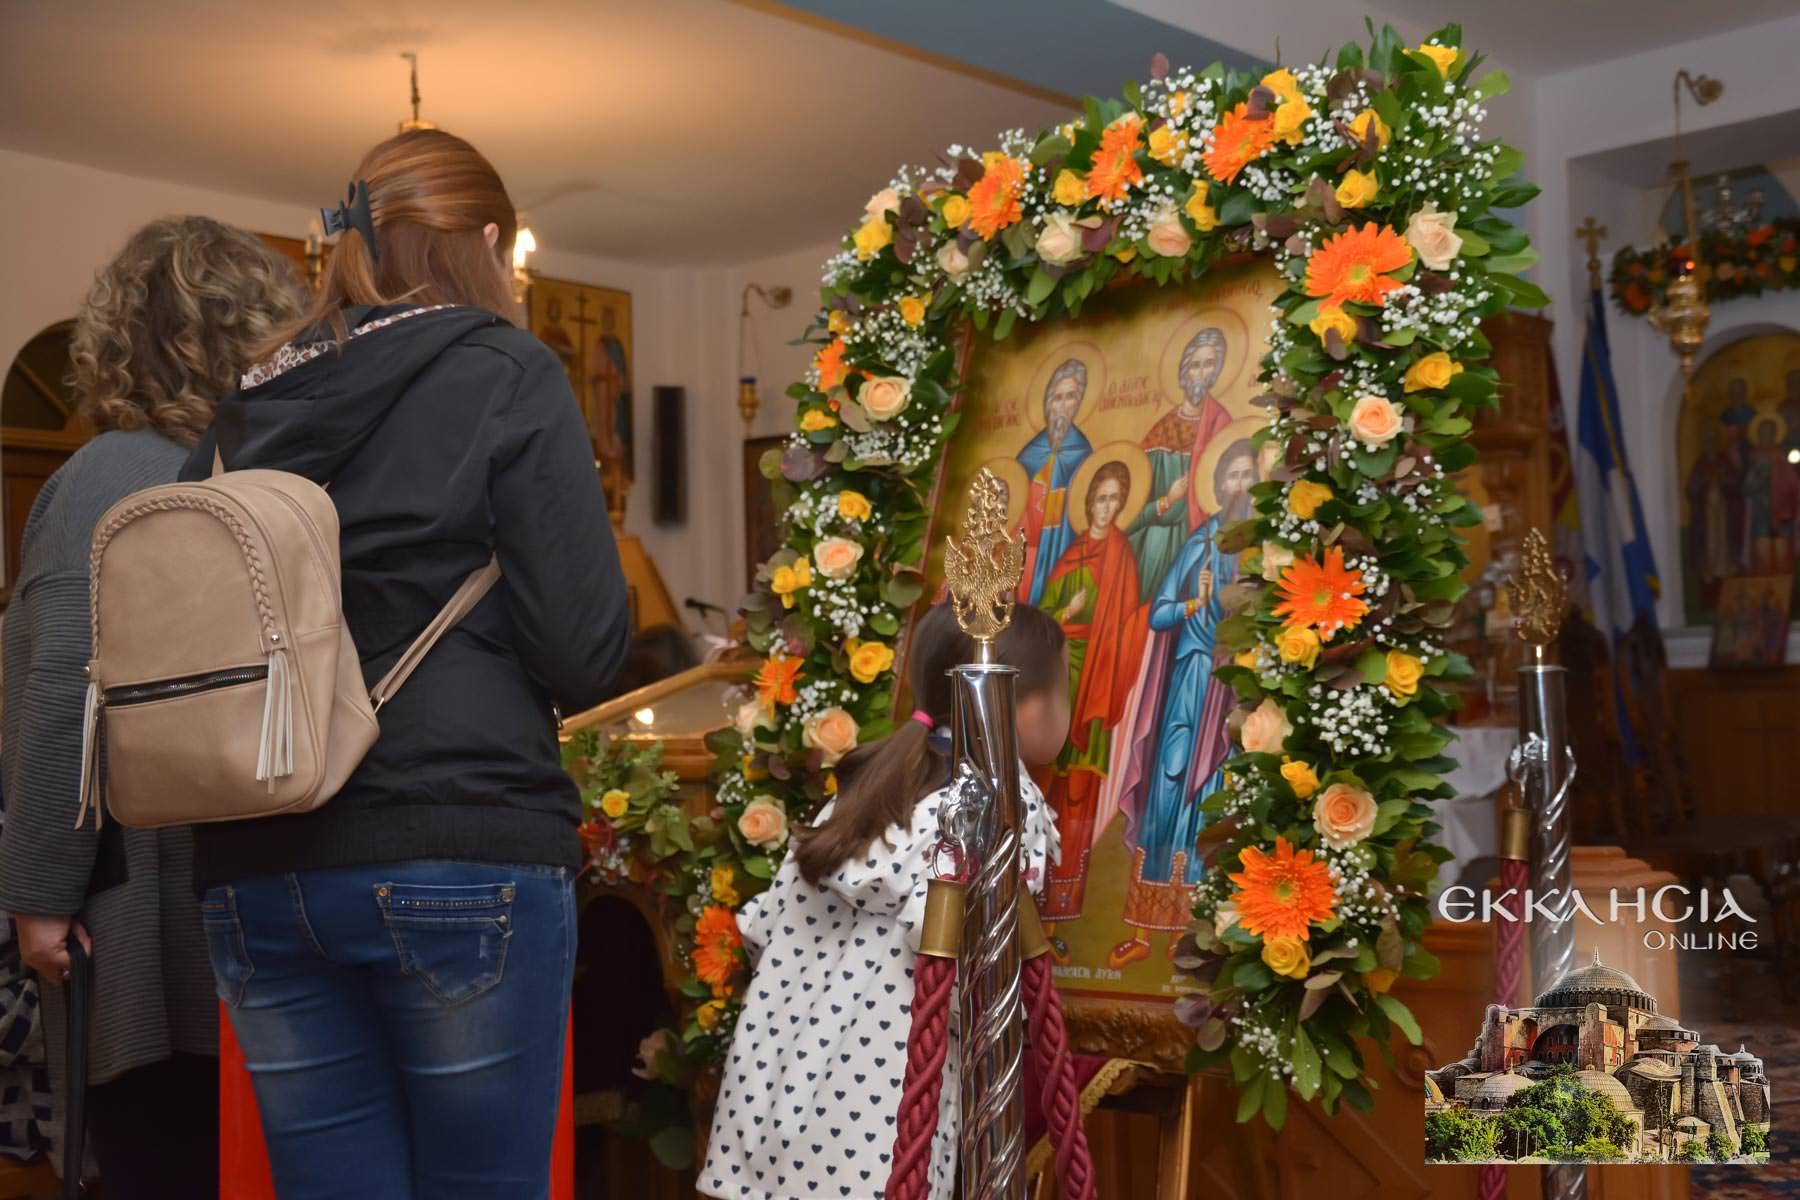 Άγιος Ακίνδυνος συν αυτώ Μάρτυρες προσκύνημα